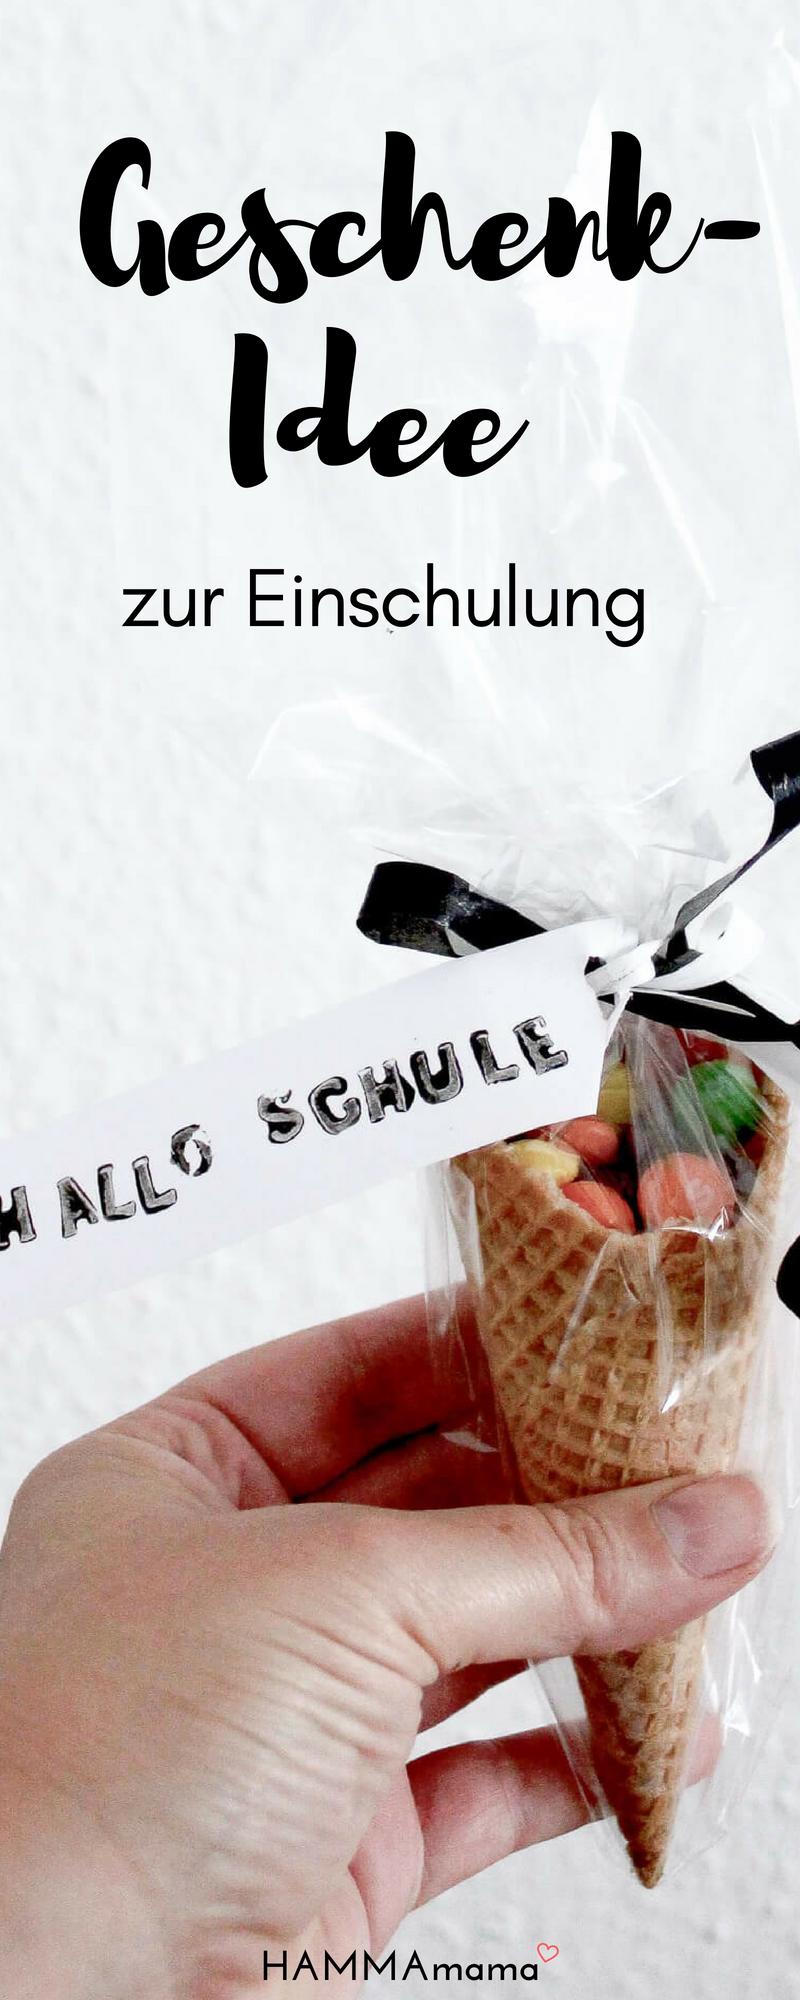 Photo of DIY-Idee ° Geschenk zur Einschulung basteln und schön verpacken